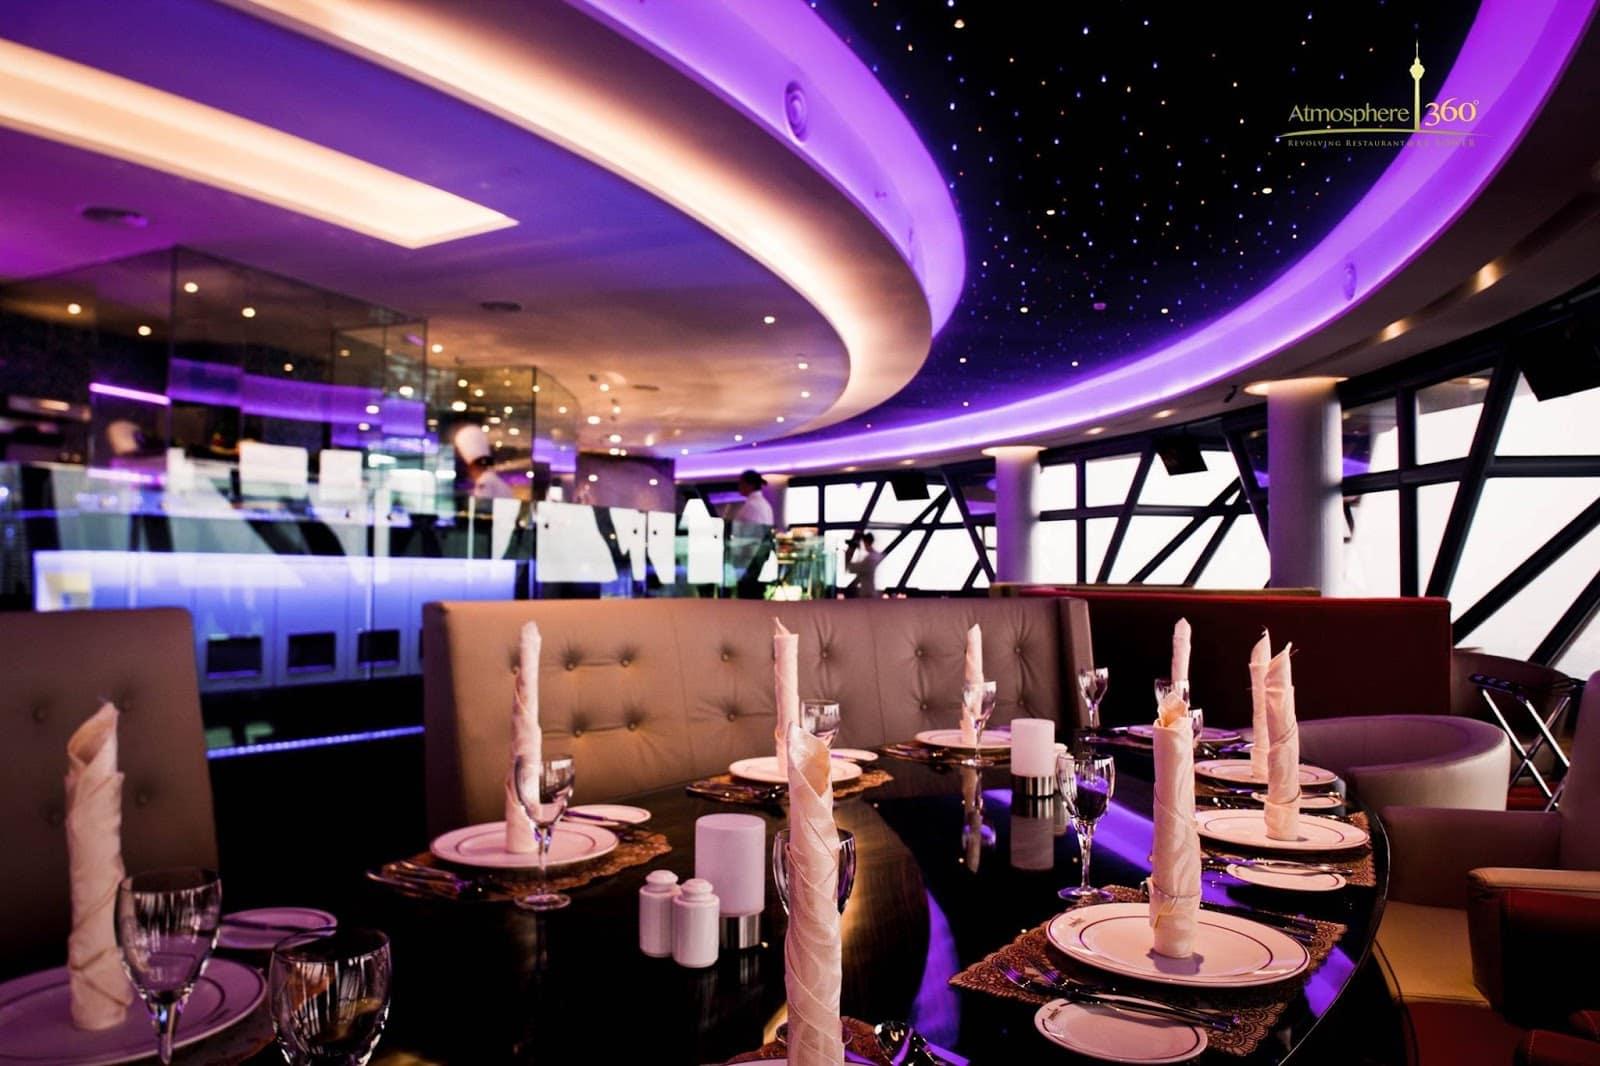 kl tower restaurant